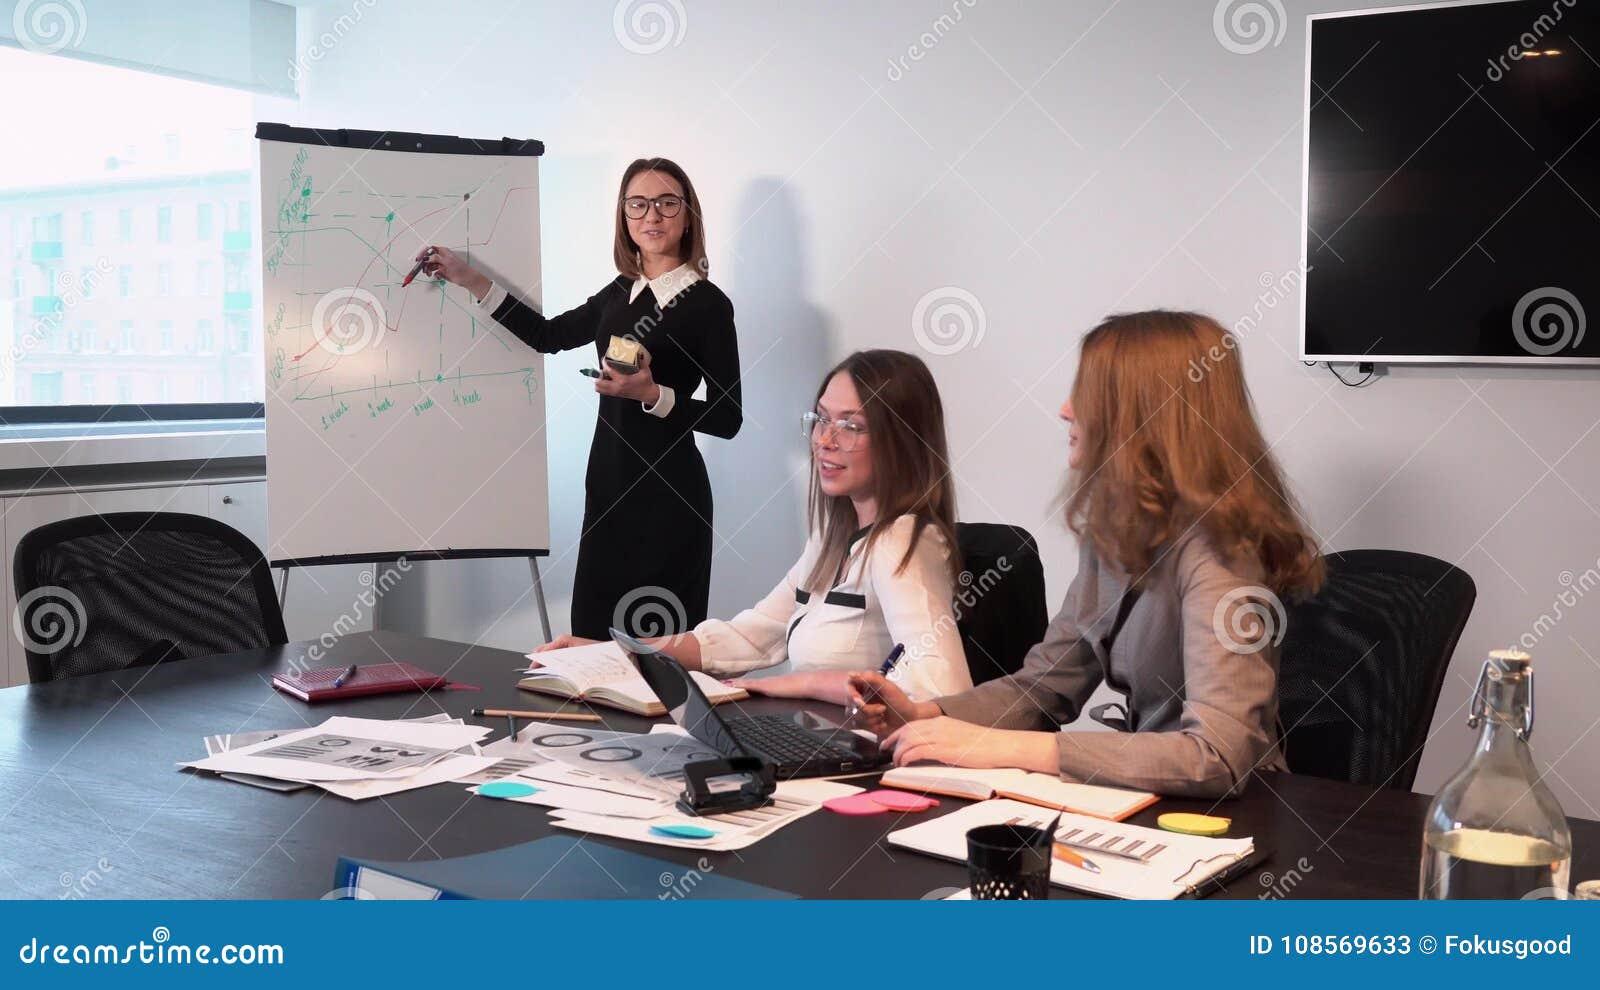 Работа на телевиденье для девушек работа для девушки в ростове на дону без опыта работы